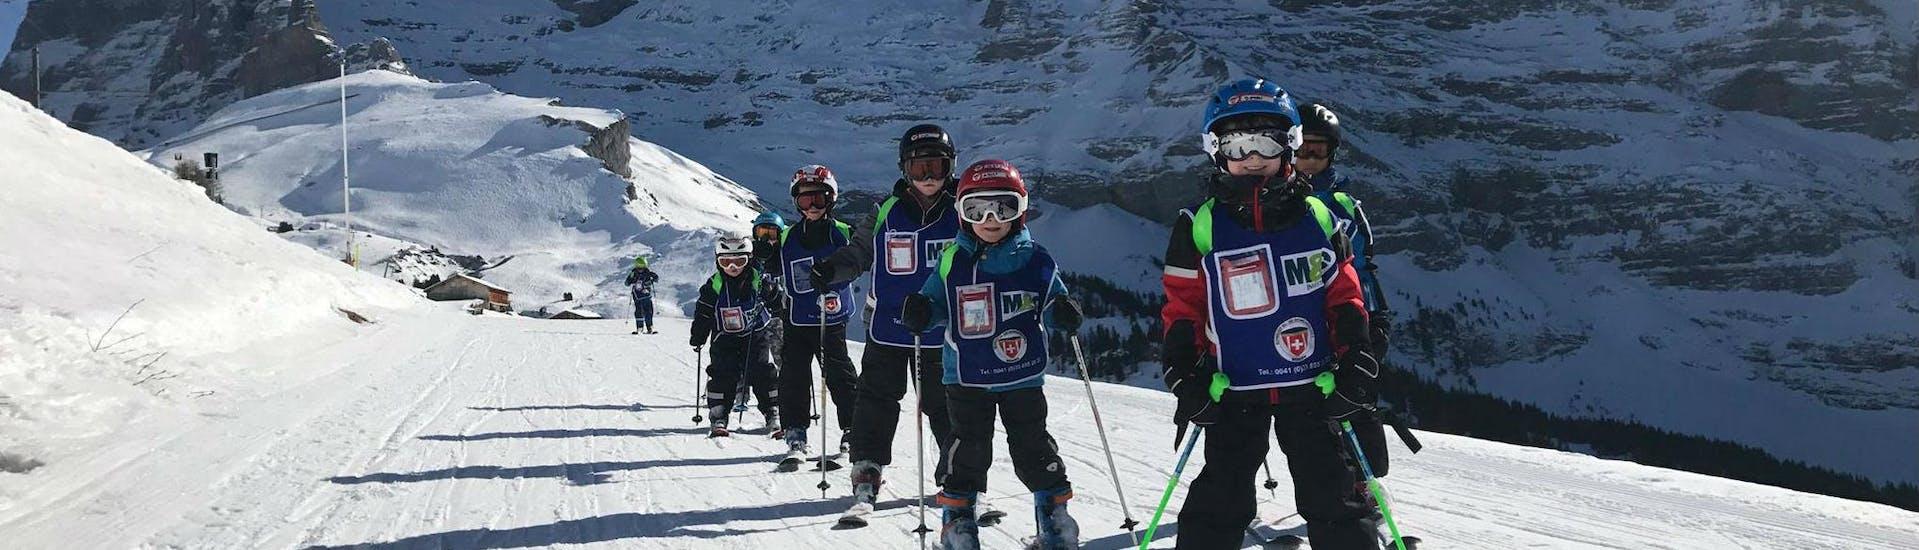 Curso de esquí para niños a partir de 3 años para avanzados